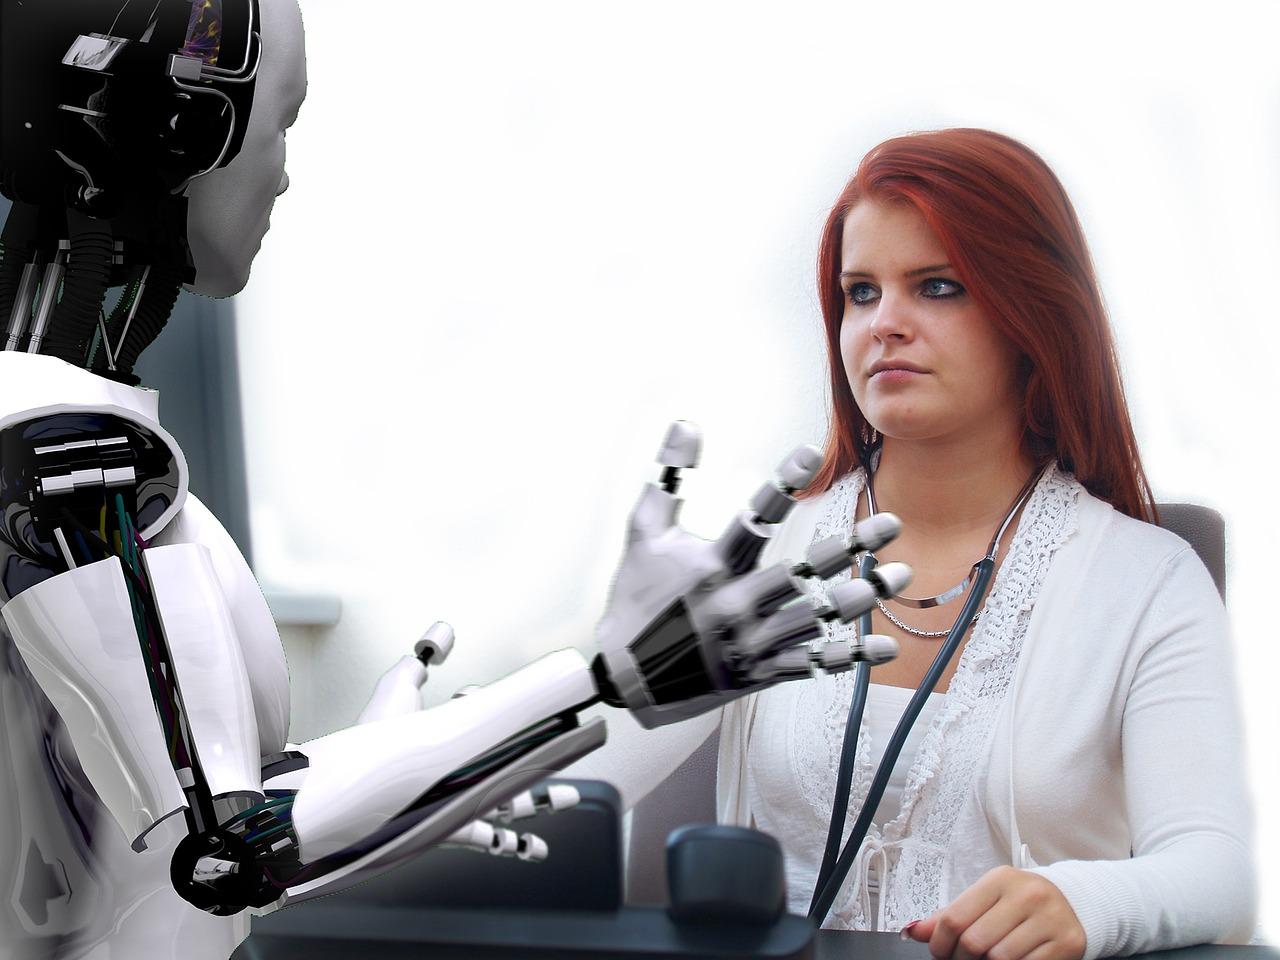 Será que as máquinas vão substituir o homem?